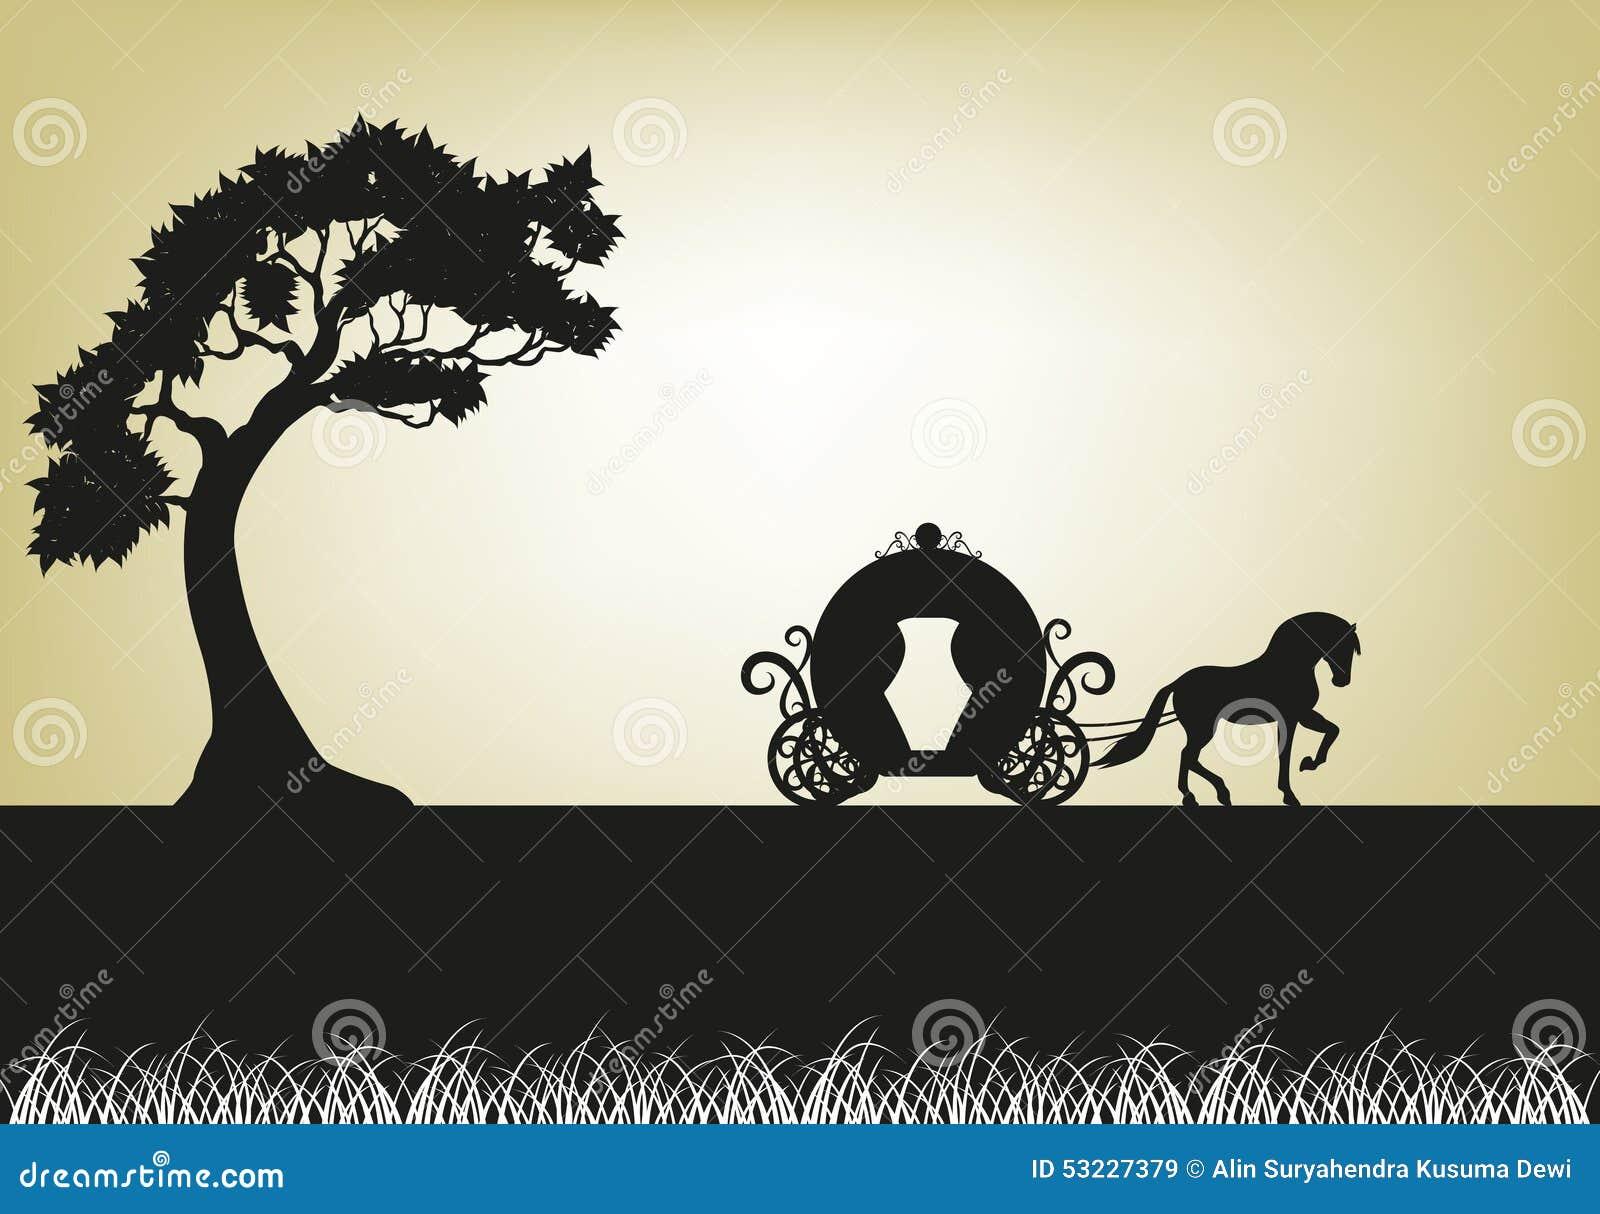 Silueta del árbol y del carro traído por caballo